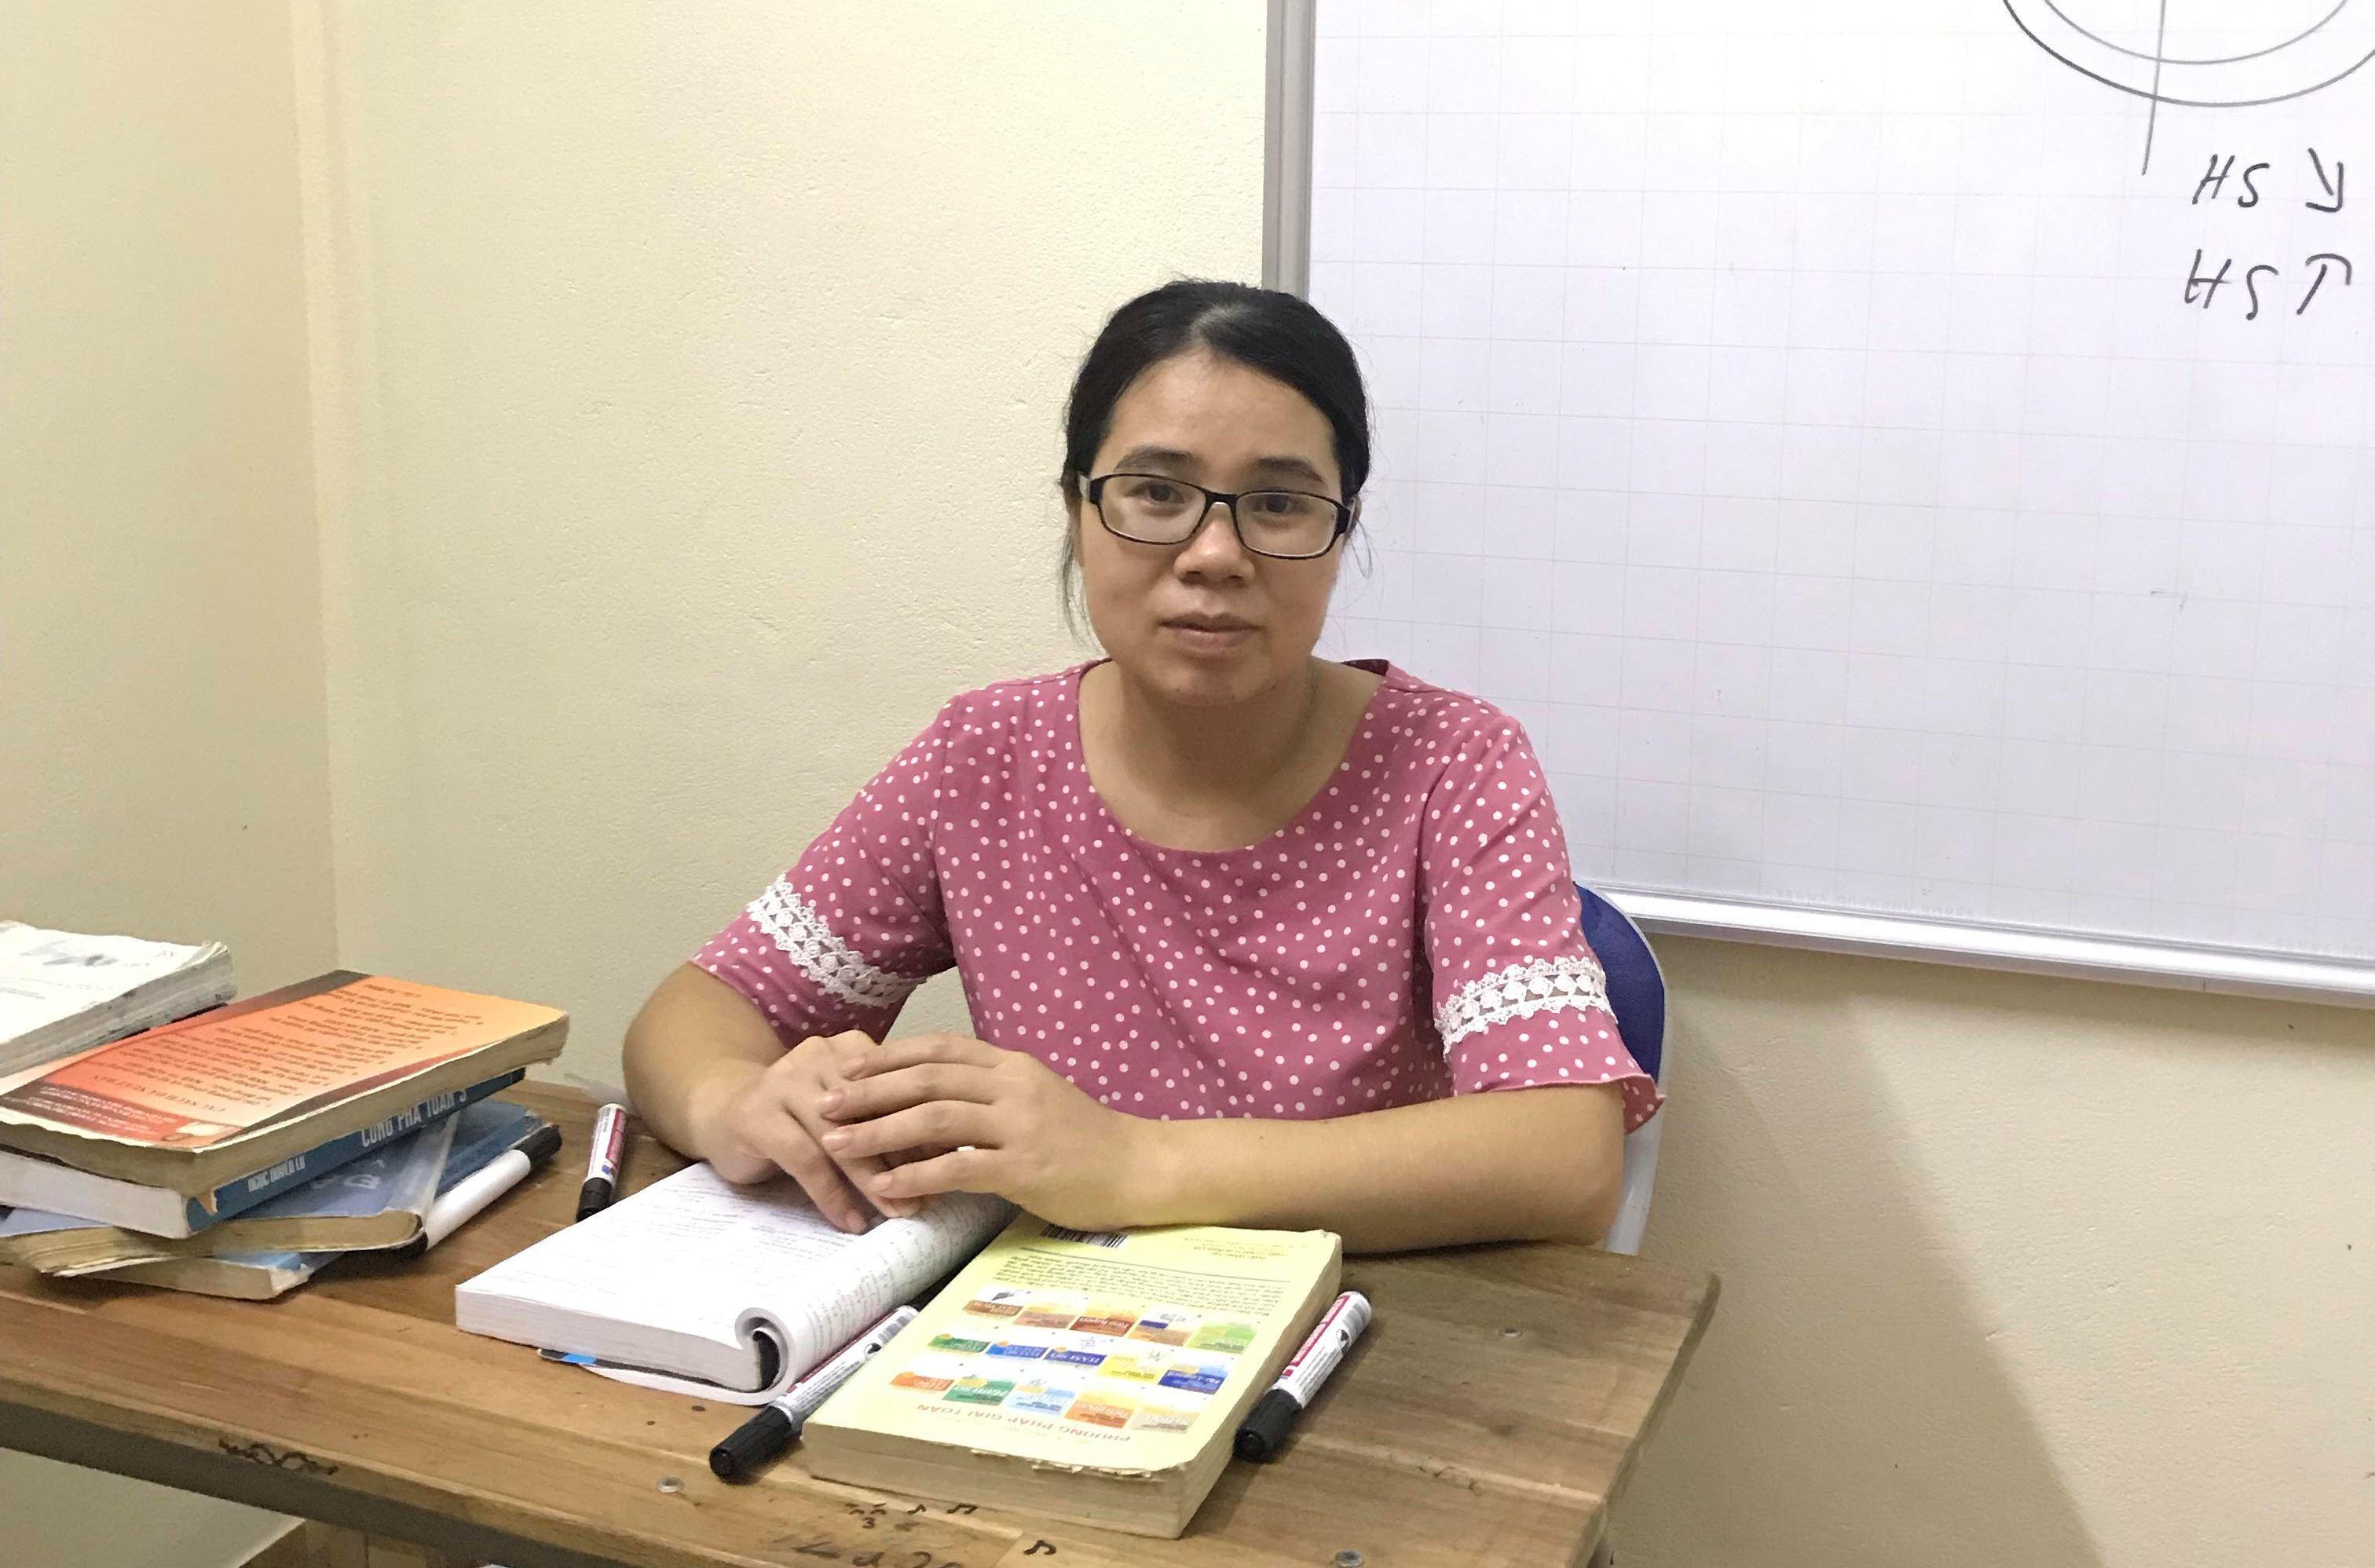 Cô giáo kêu cứu vì bị 'tranh suất ưu tiên'